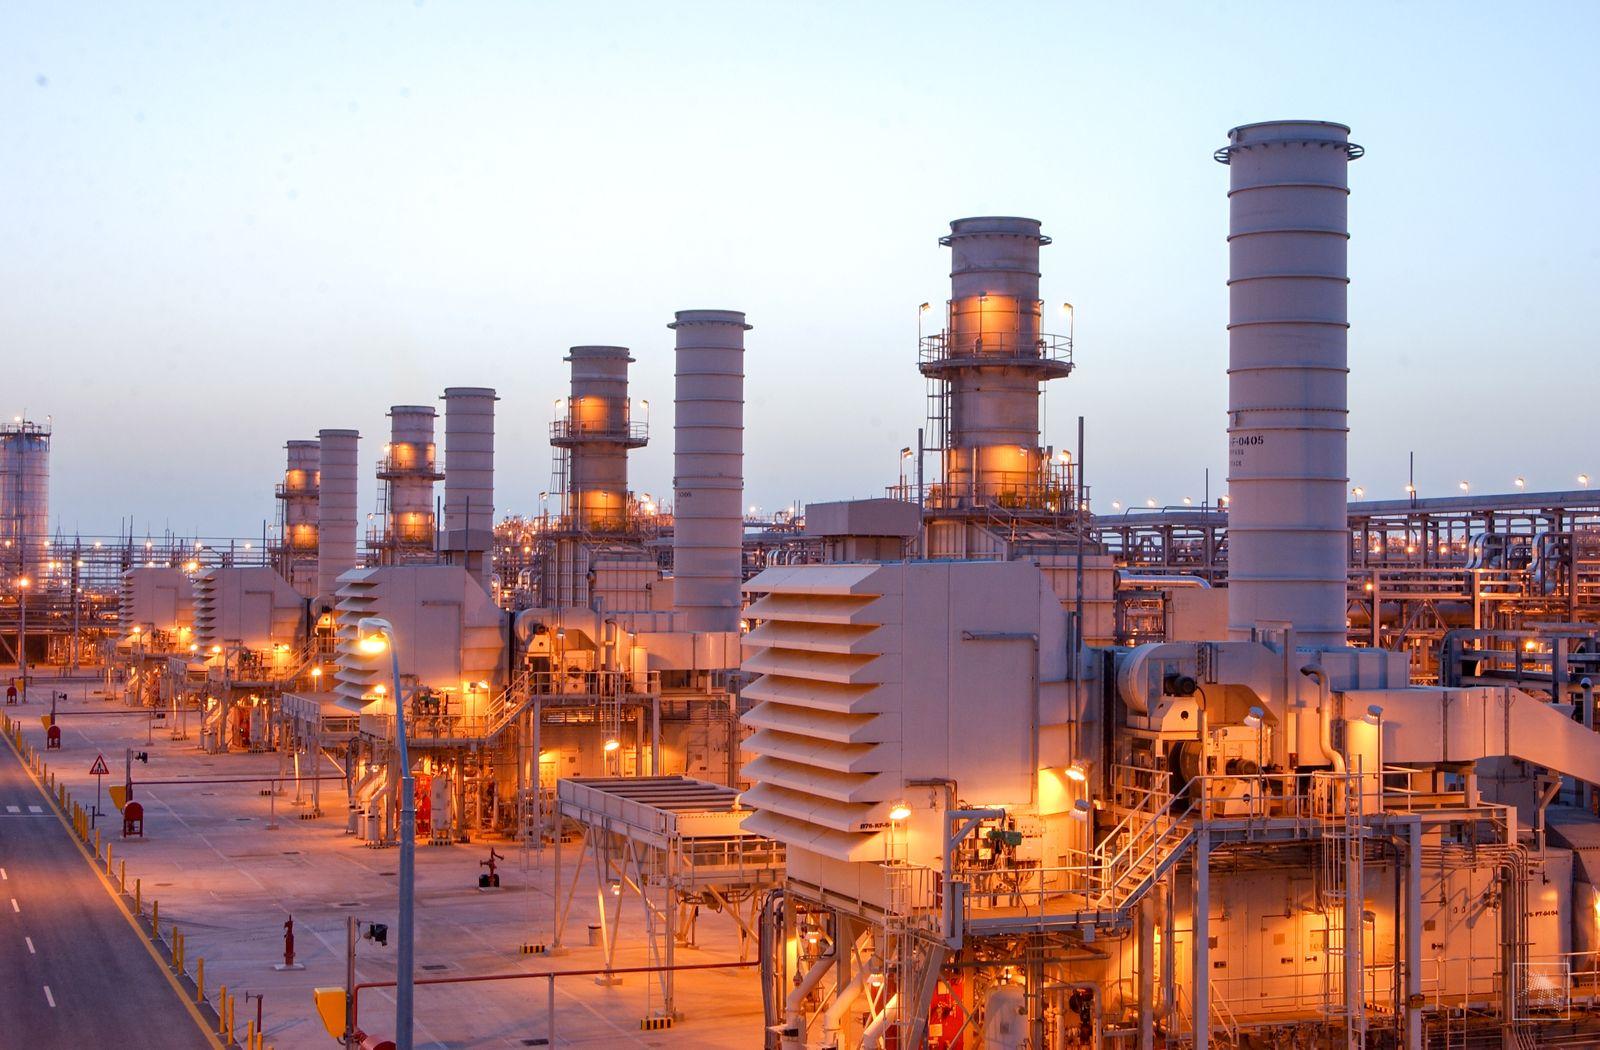 Haradh Gas Plant